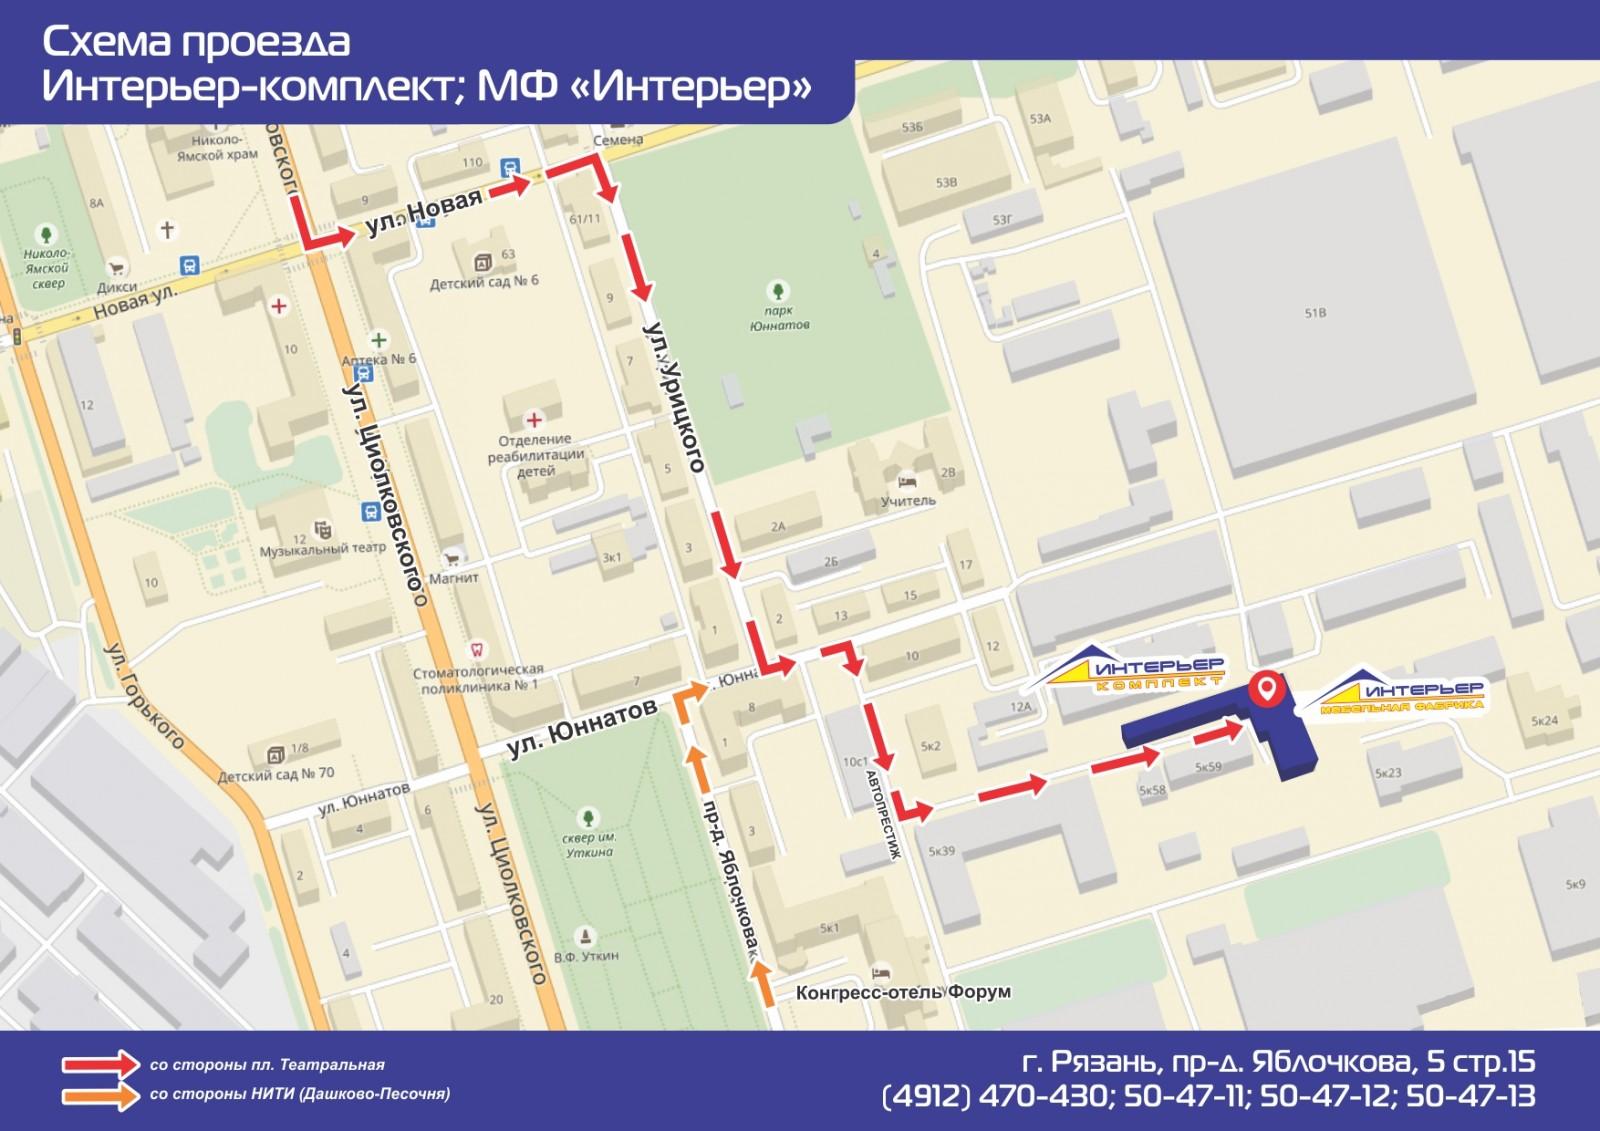 Схема проезда к дому фото